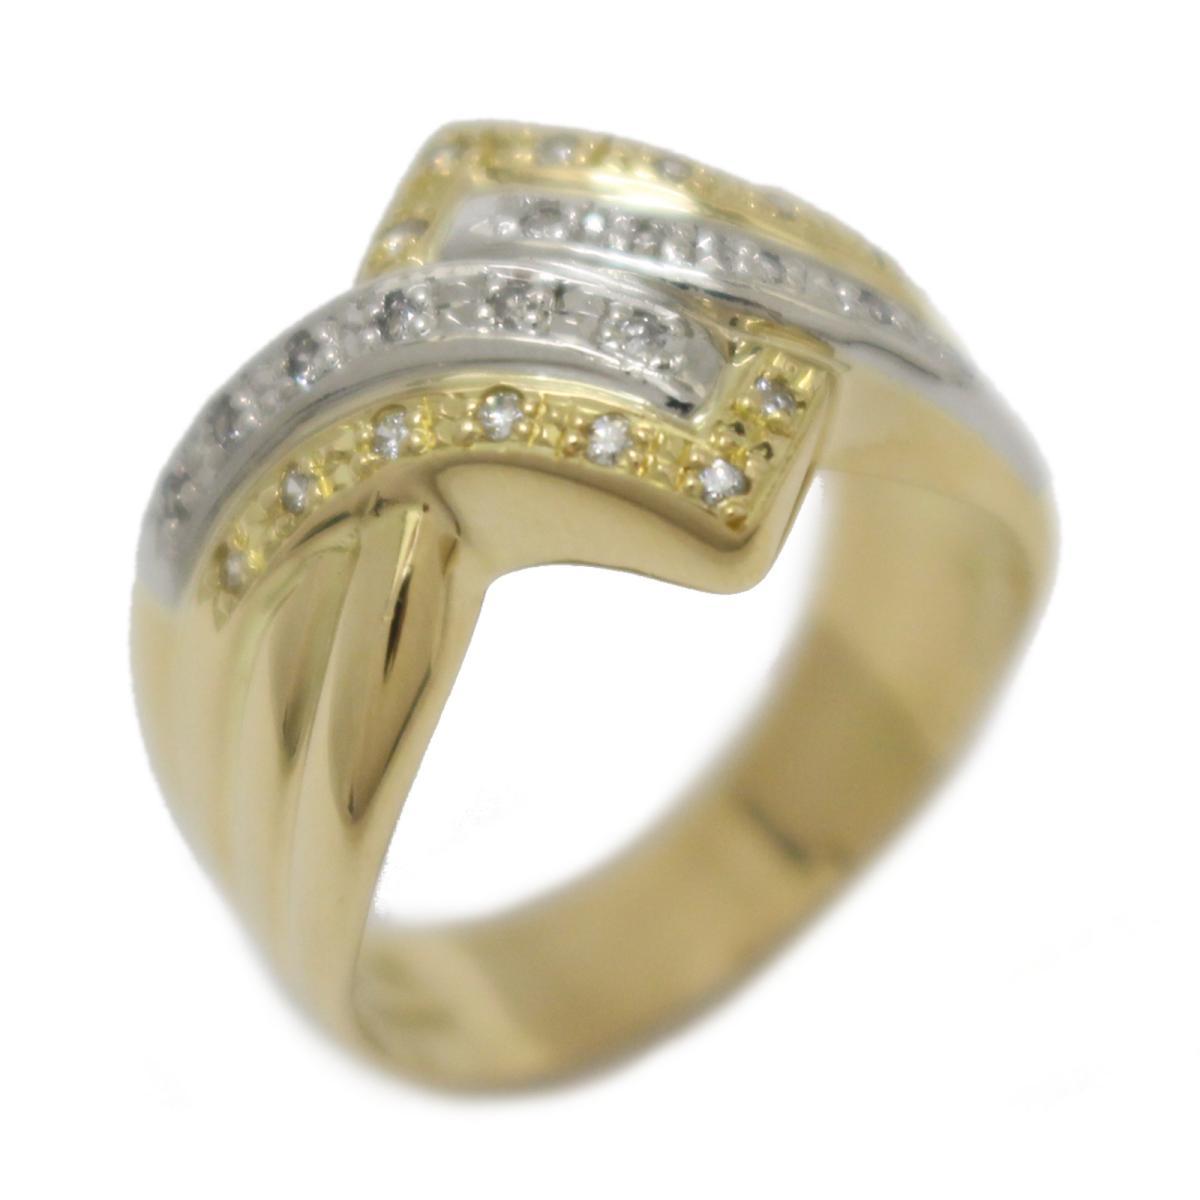 ジュエリー ダイヤモンド リング 指輪 ノーブランドジュエリー レディース K18YG (750) イエローゴールドPT900 プラチナダイヤモンド (0.15ct) 【中古】 | JEWELRY BRANDOFF ブランドオフ アクセサリー